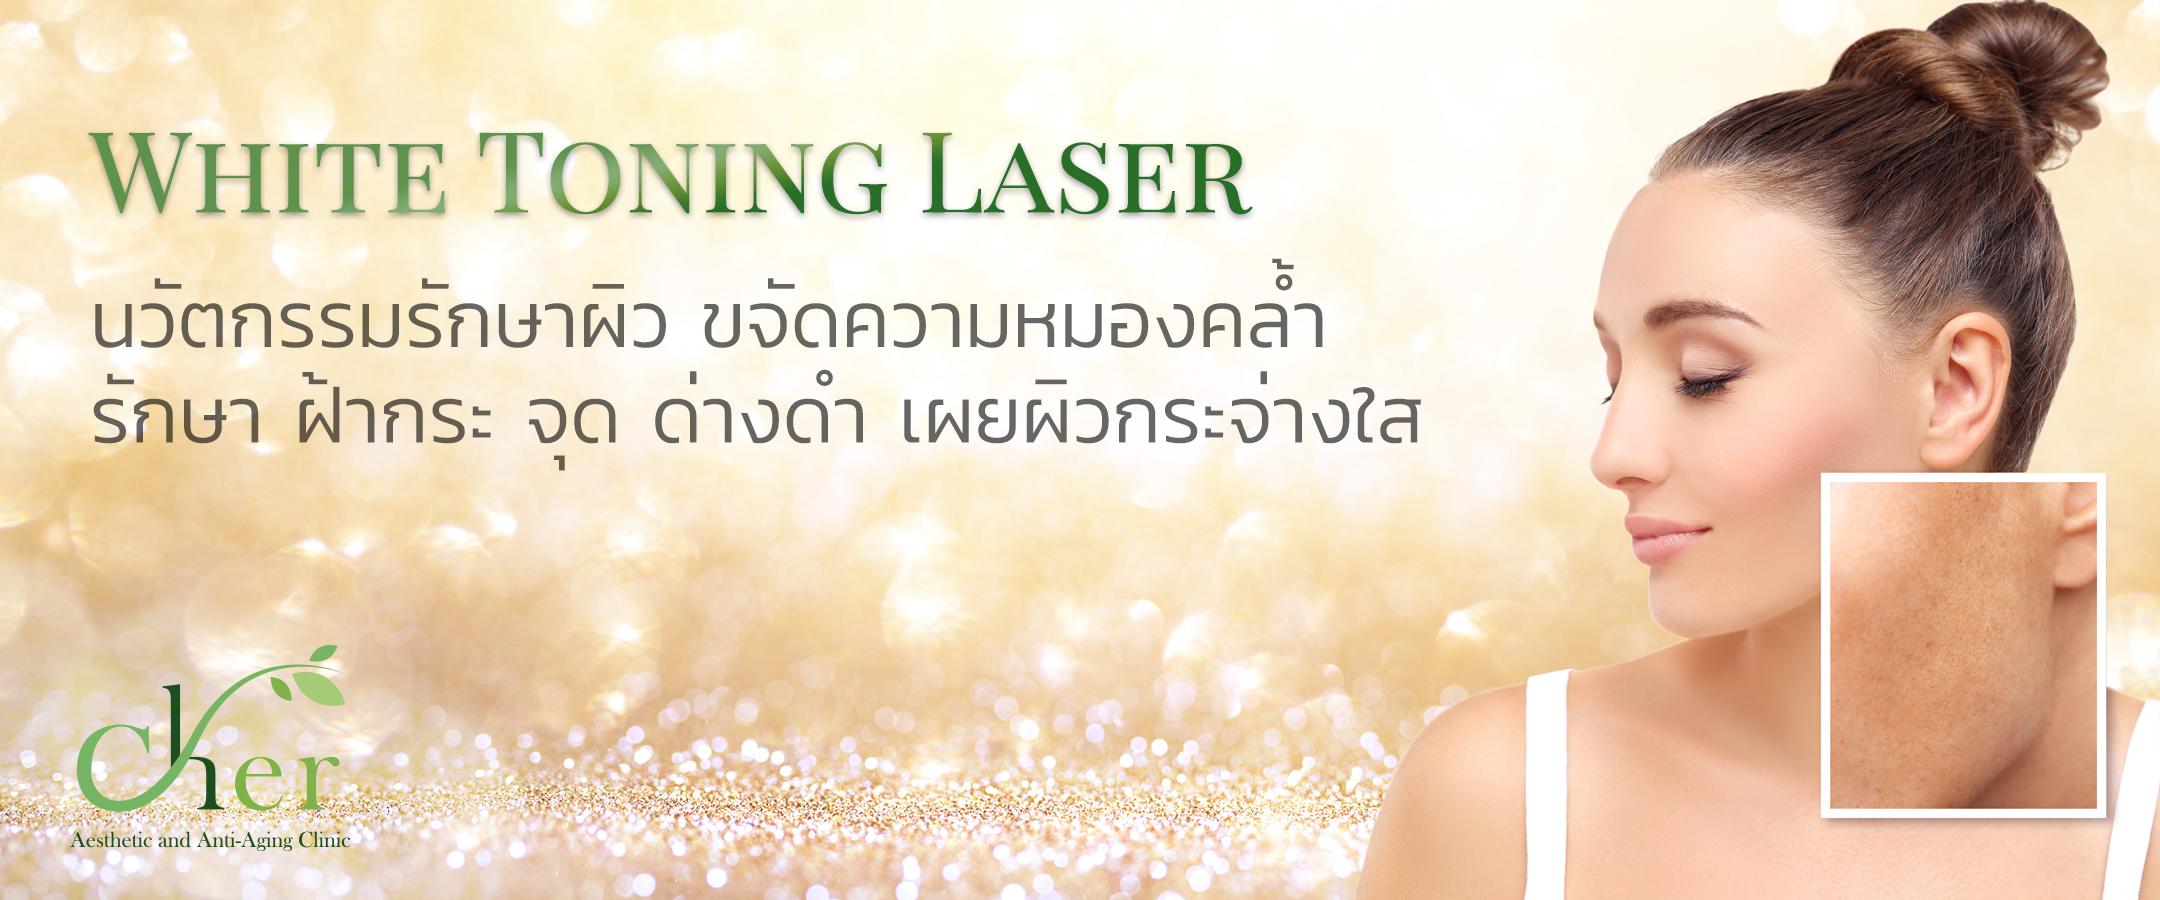 white toning laser L copy.jpg